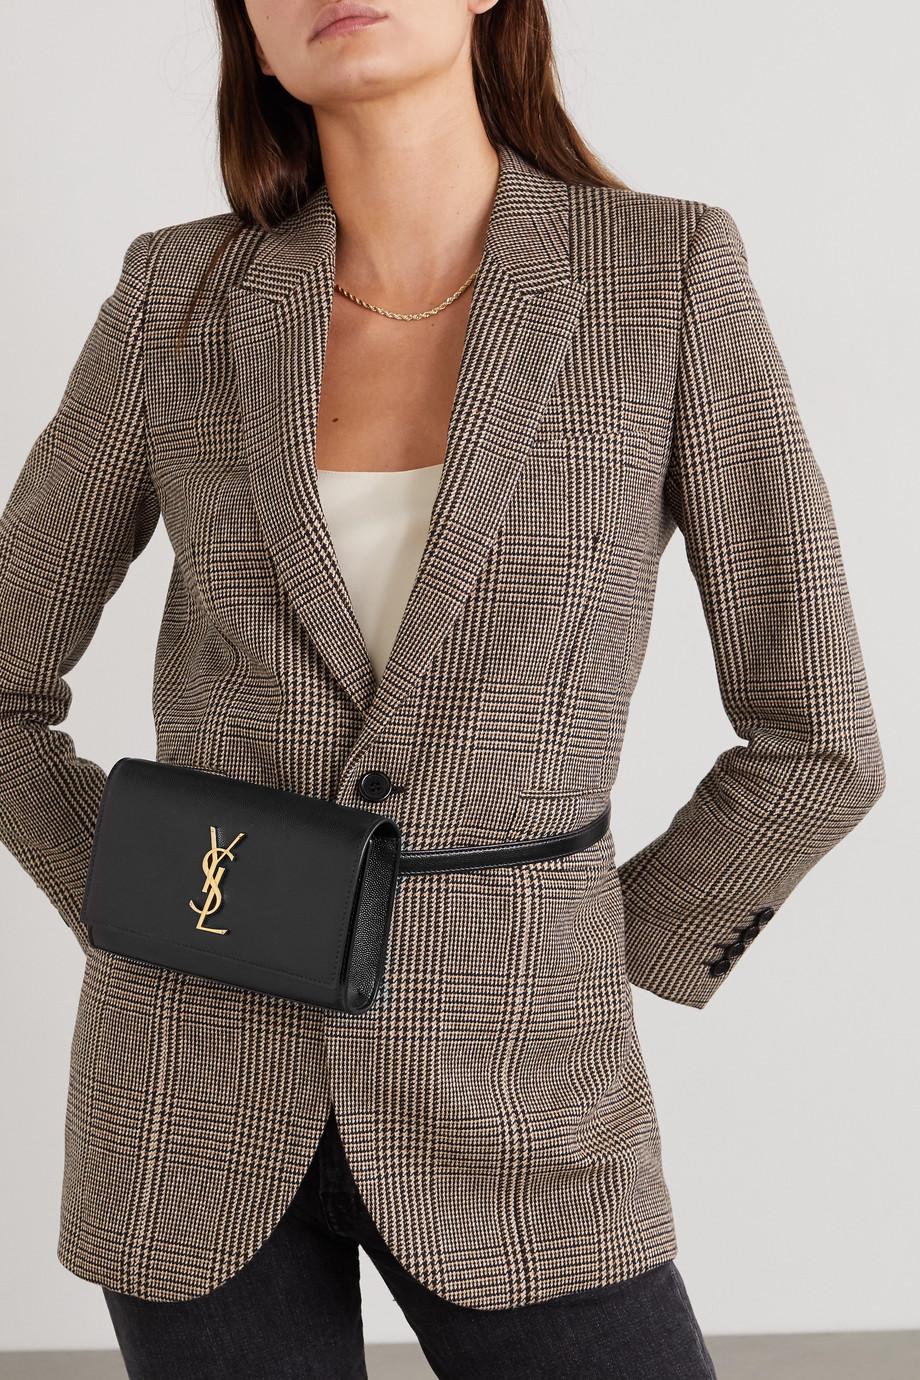 SAINT LAURENT Sac ceinture en cuir texturé Kate